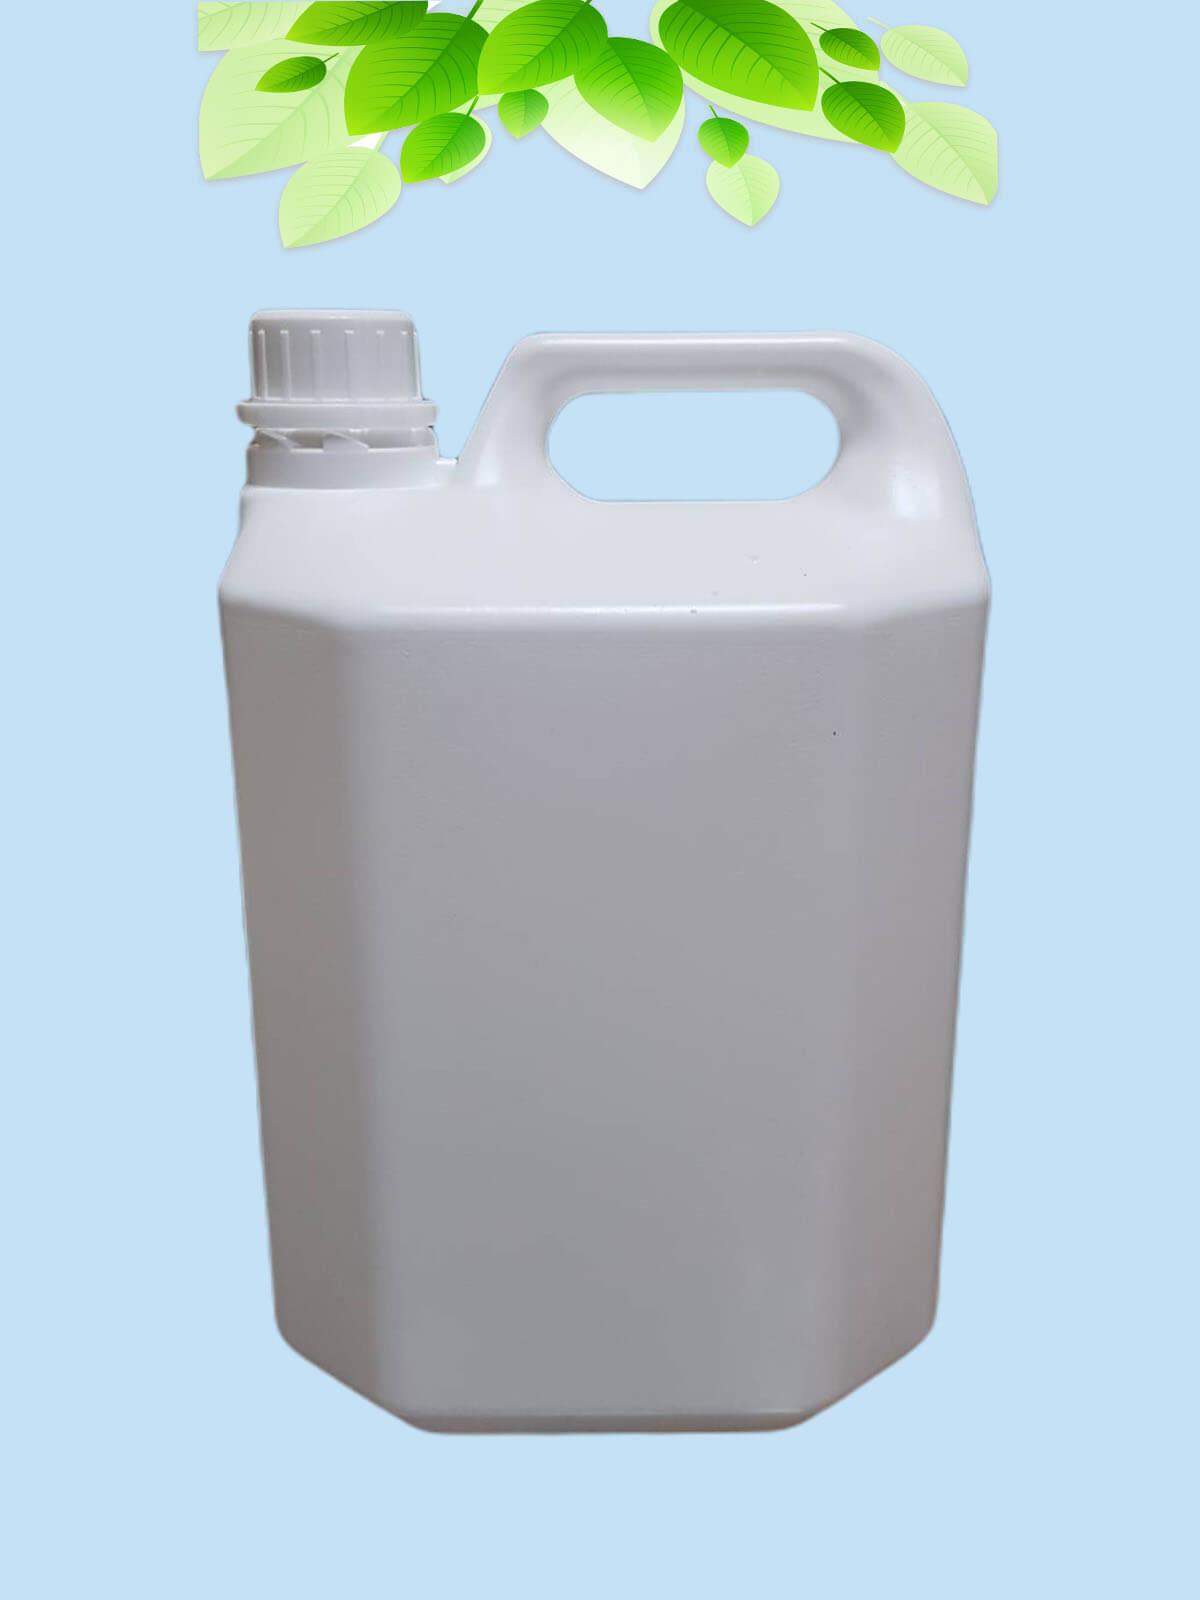 病毒抑制効果99.9%日本製防疫Covid19爆量KYOSEI-JIA微酸性次氯酸水生成劑壹盒+3手動噴霧瓶 (附5000ml泡製容器) 2